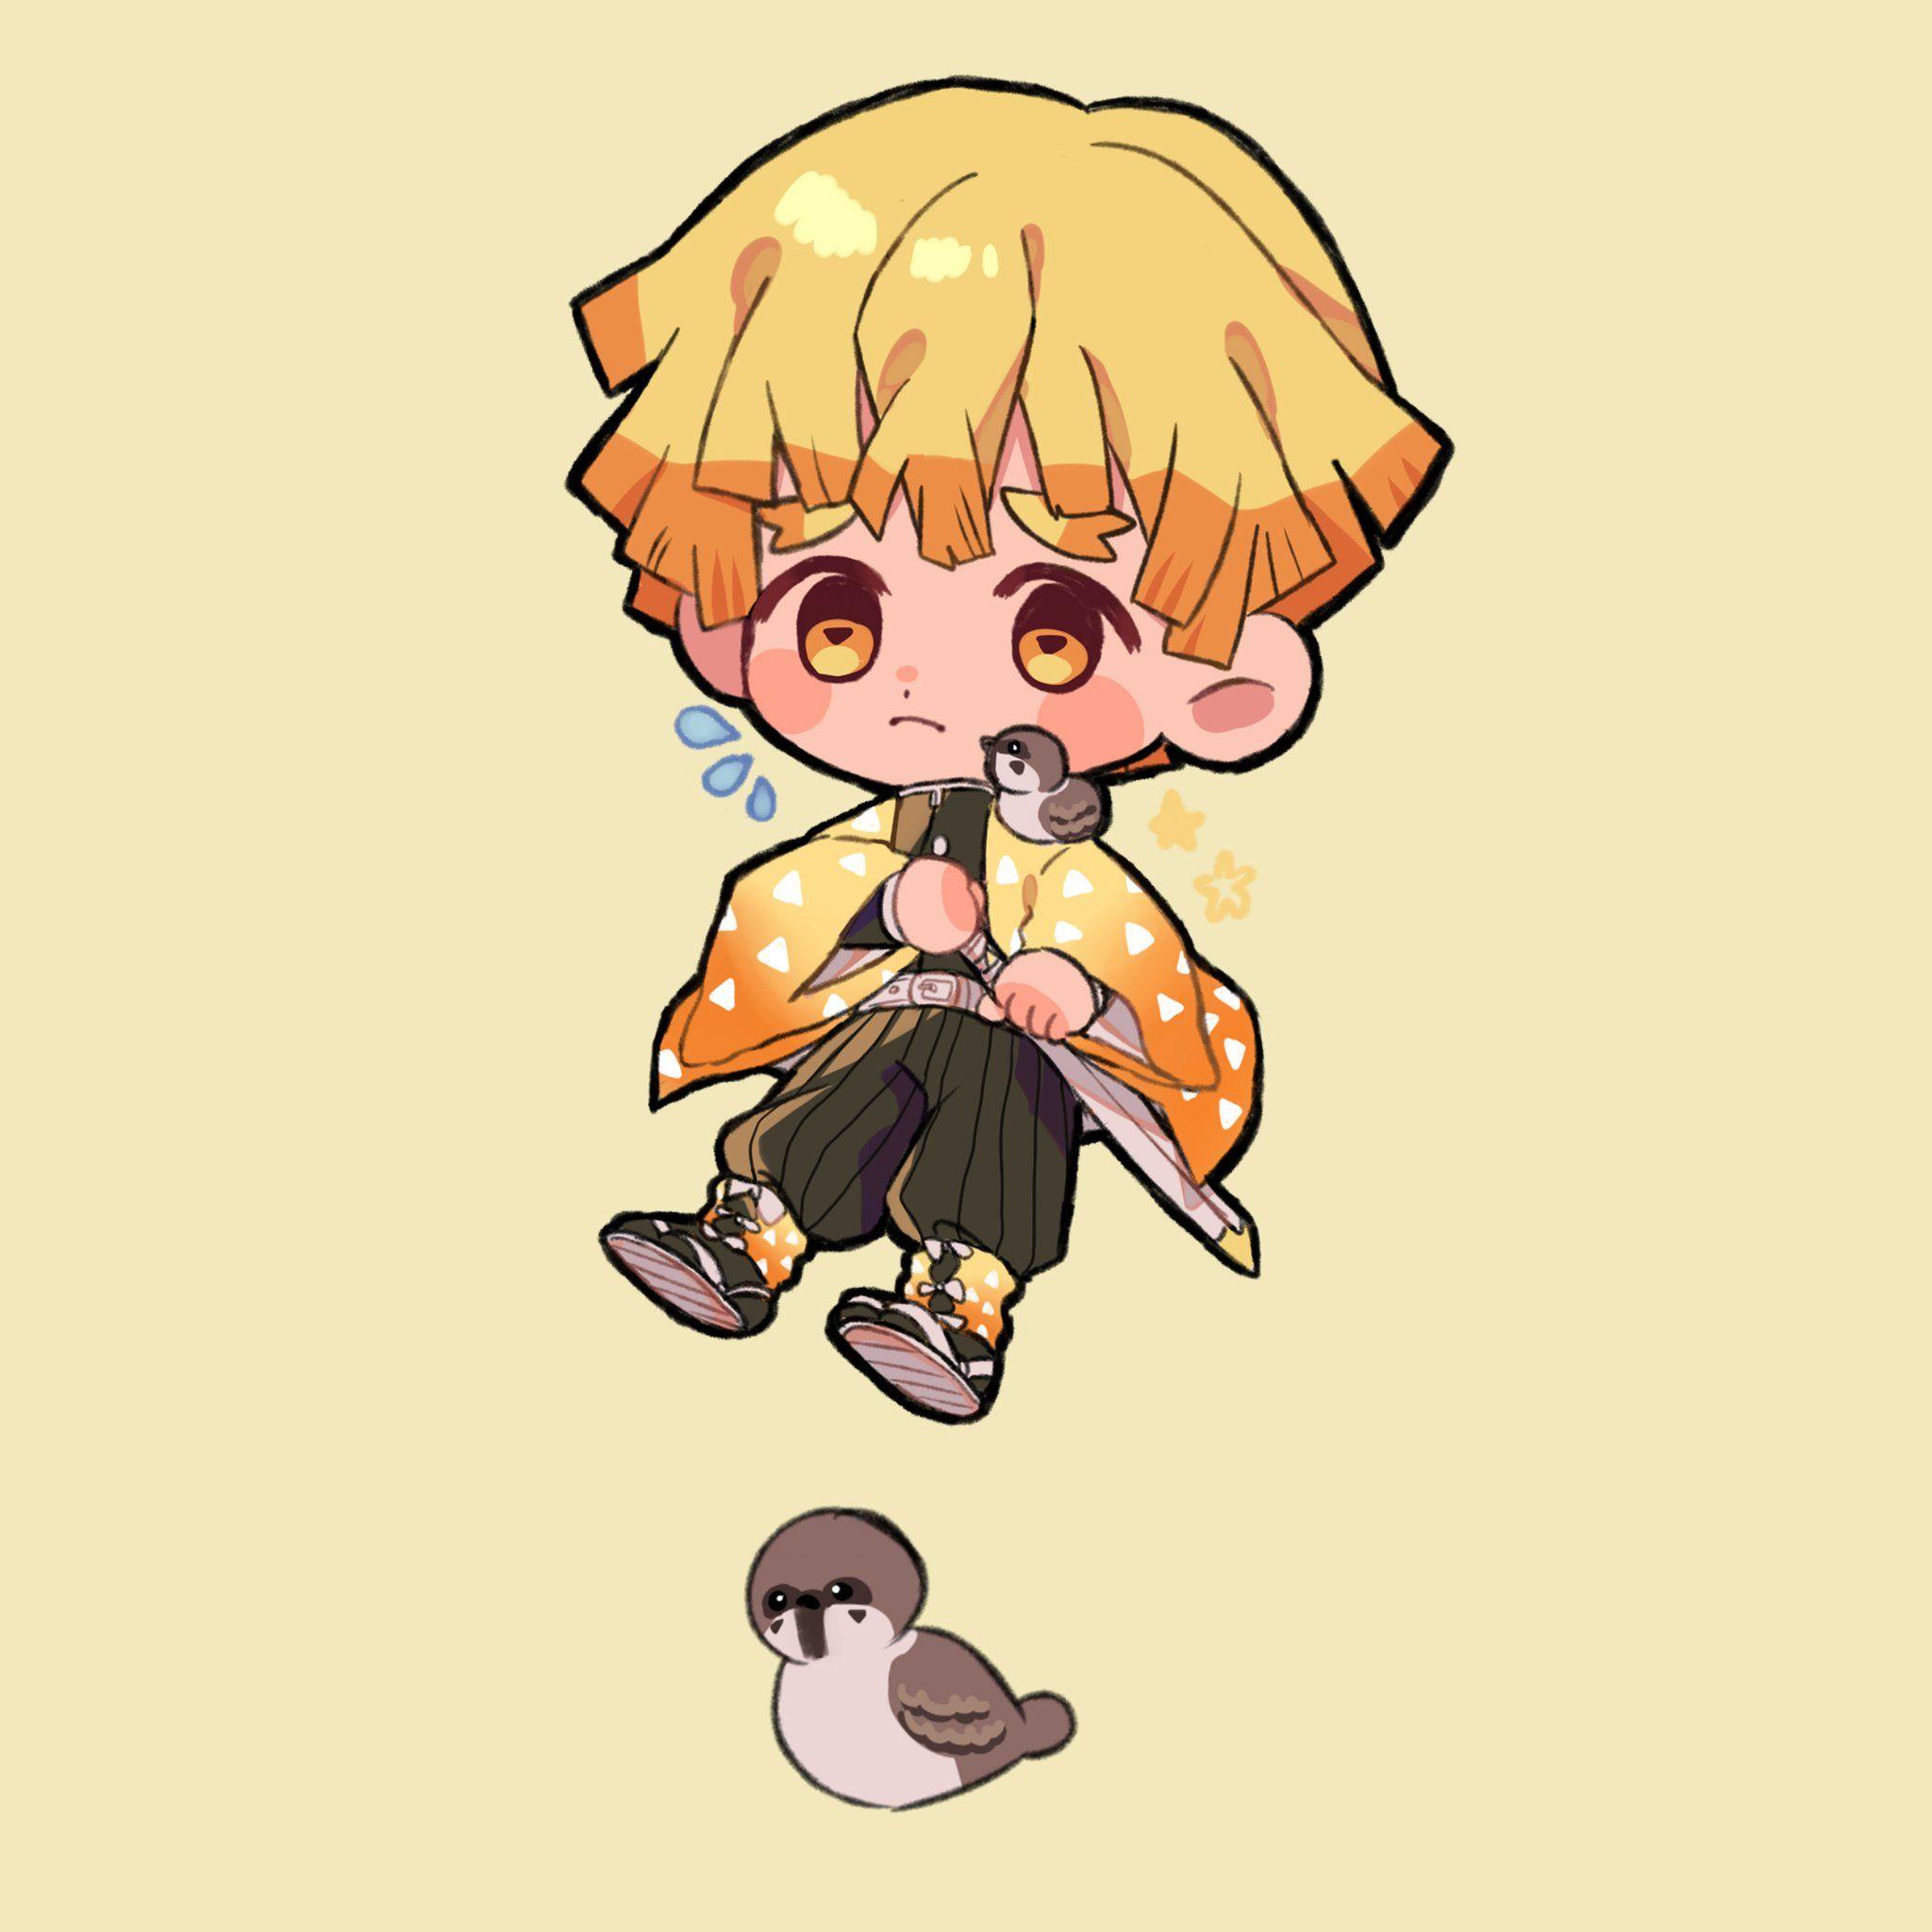 Twitter Anime, Ảnh hoạt hình chibi, Dễ thương